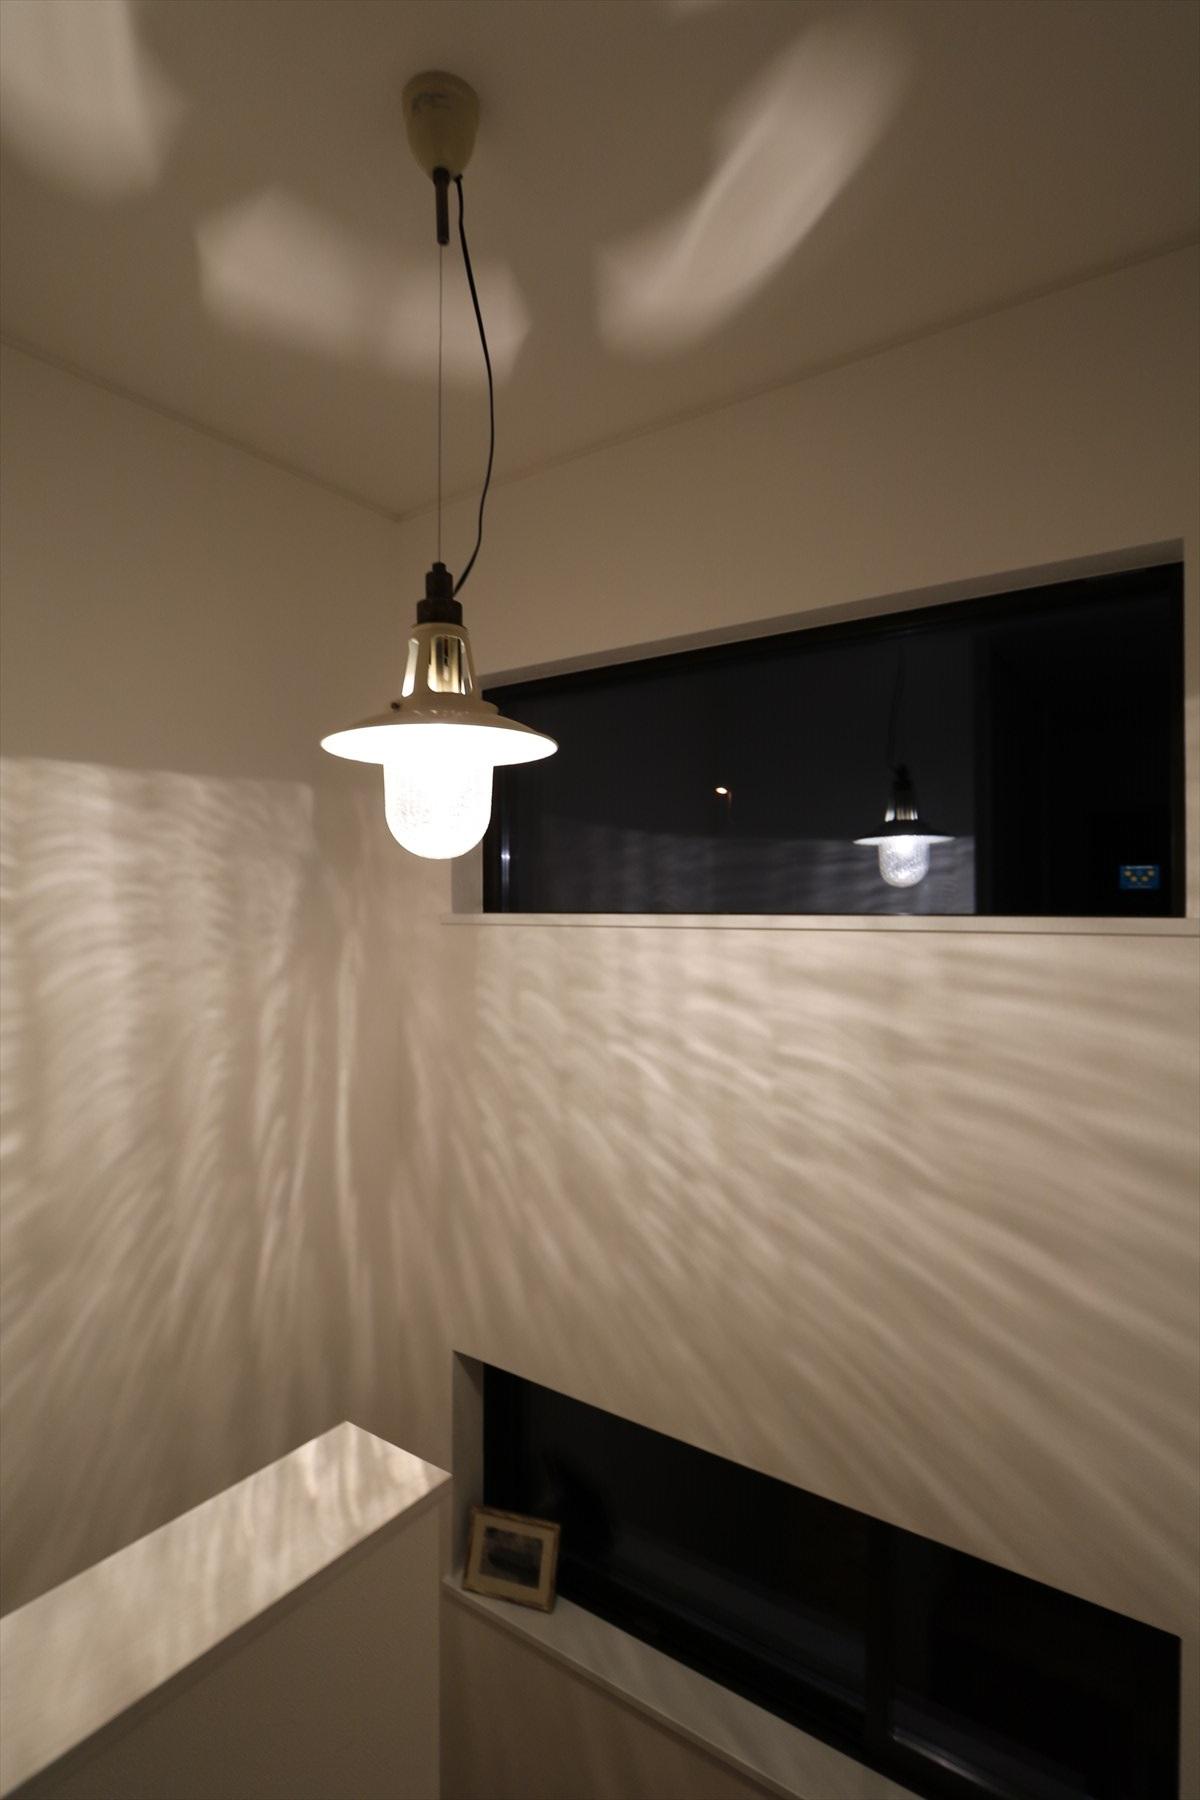 バルスタイルの家|石川県金沢市の注文住宅・デザイン性・新築の家・戸建て|E-HOUSE